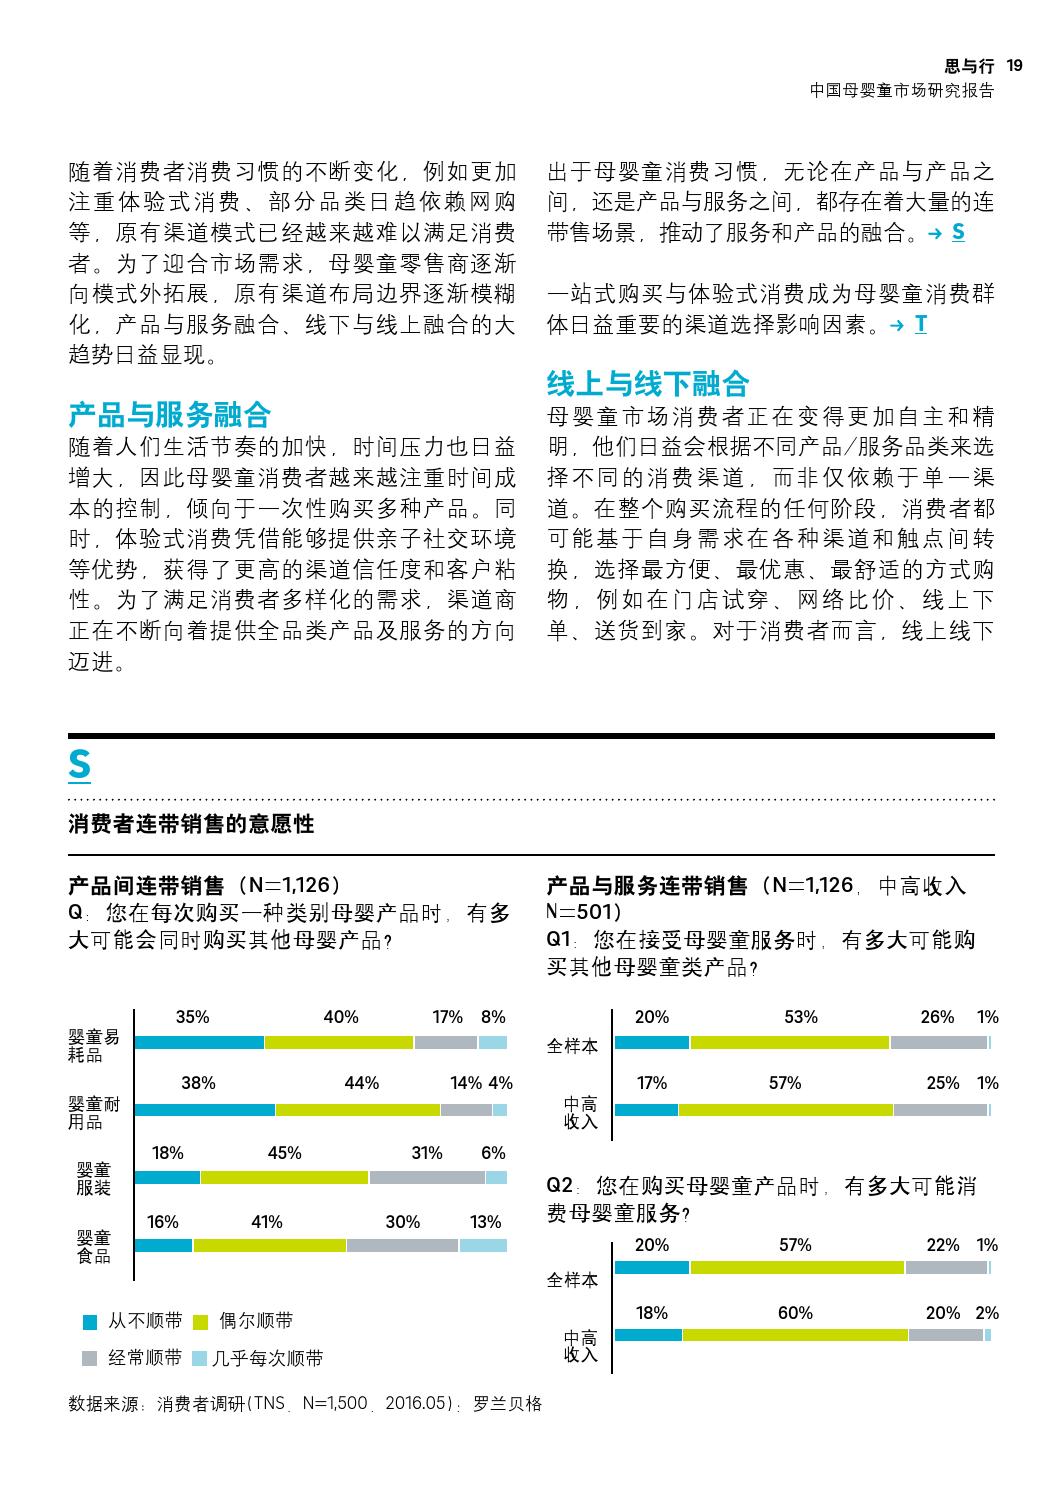 罗兰贝:2016中国母婴童市场研究报告_000019